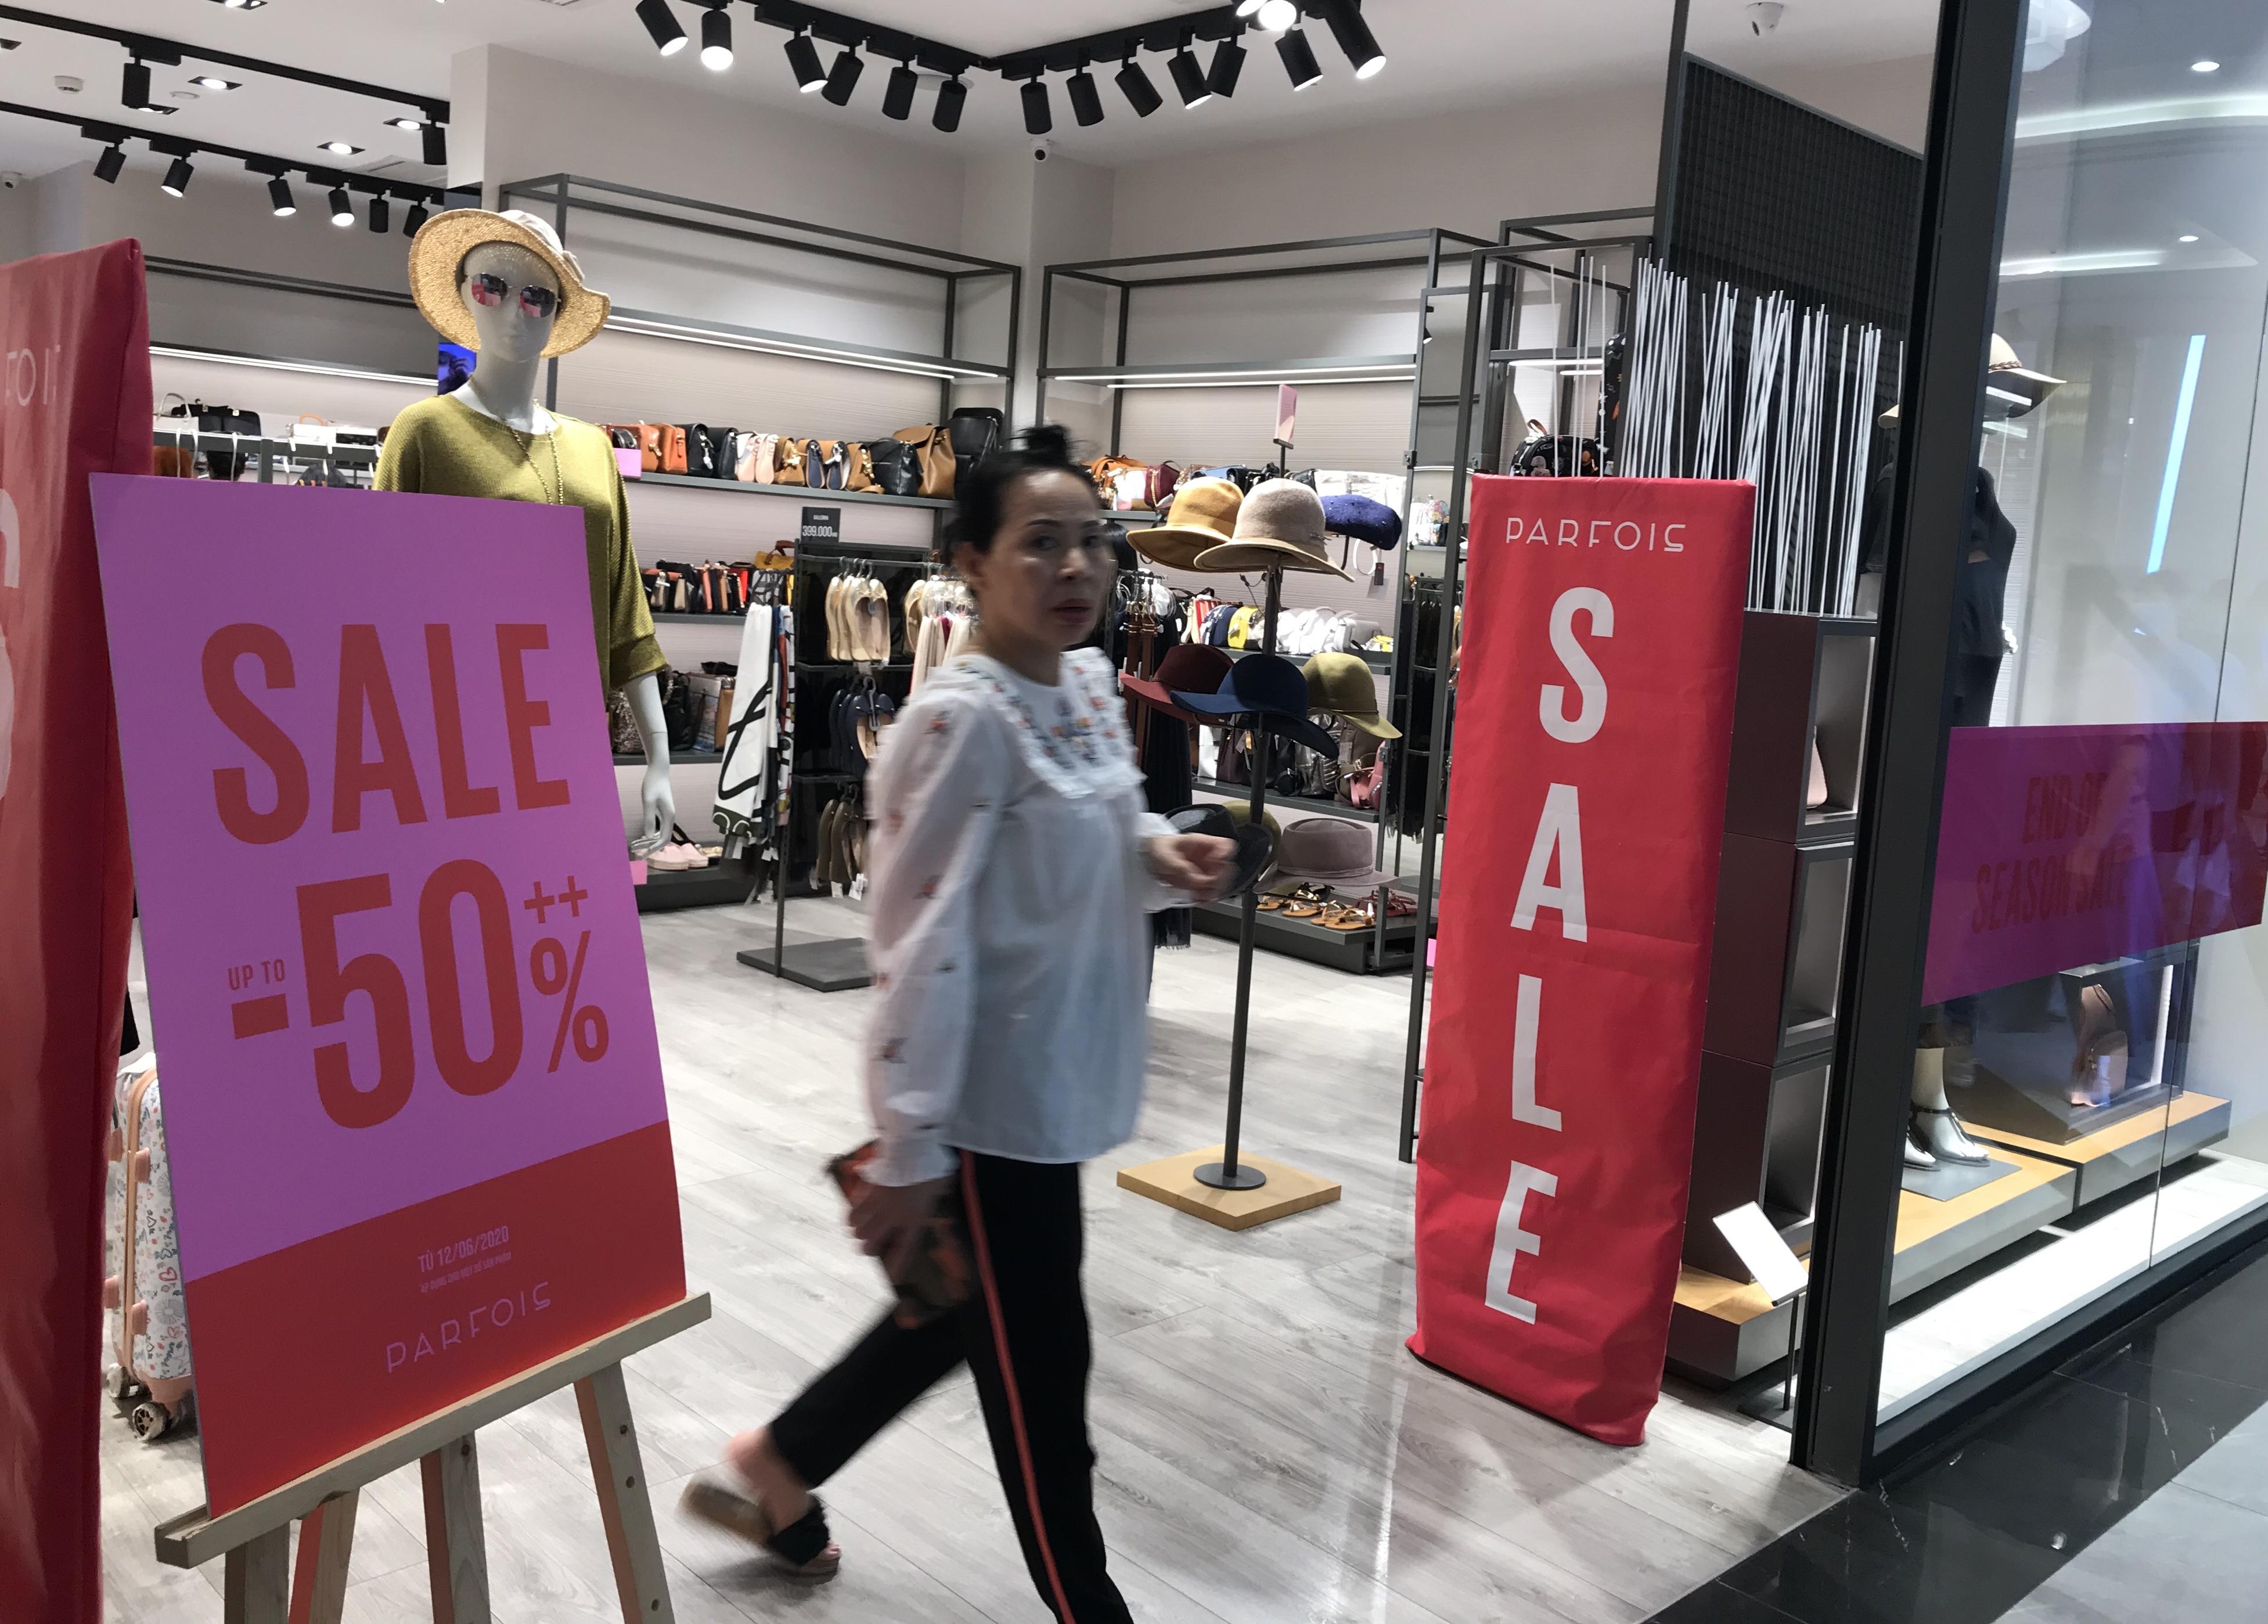 Hàng hiệu lần đầu giảm giá kịch trần lên 100%, người Sài Gòn đổ xô đi mua sắm hậu COVID-19 - Ảnh 1.